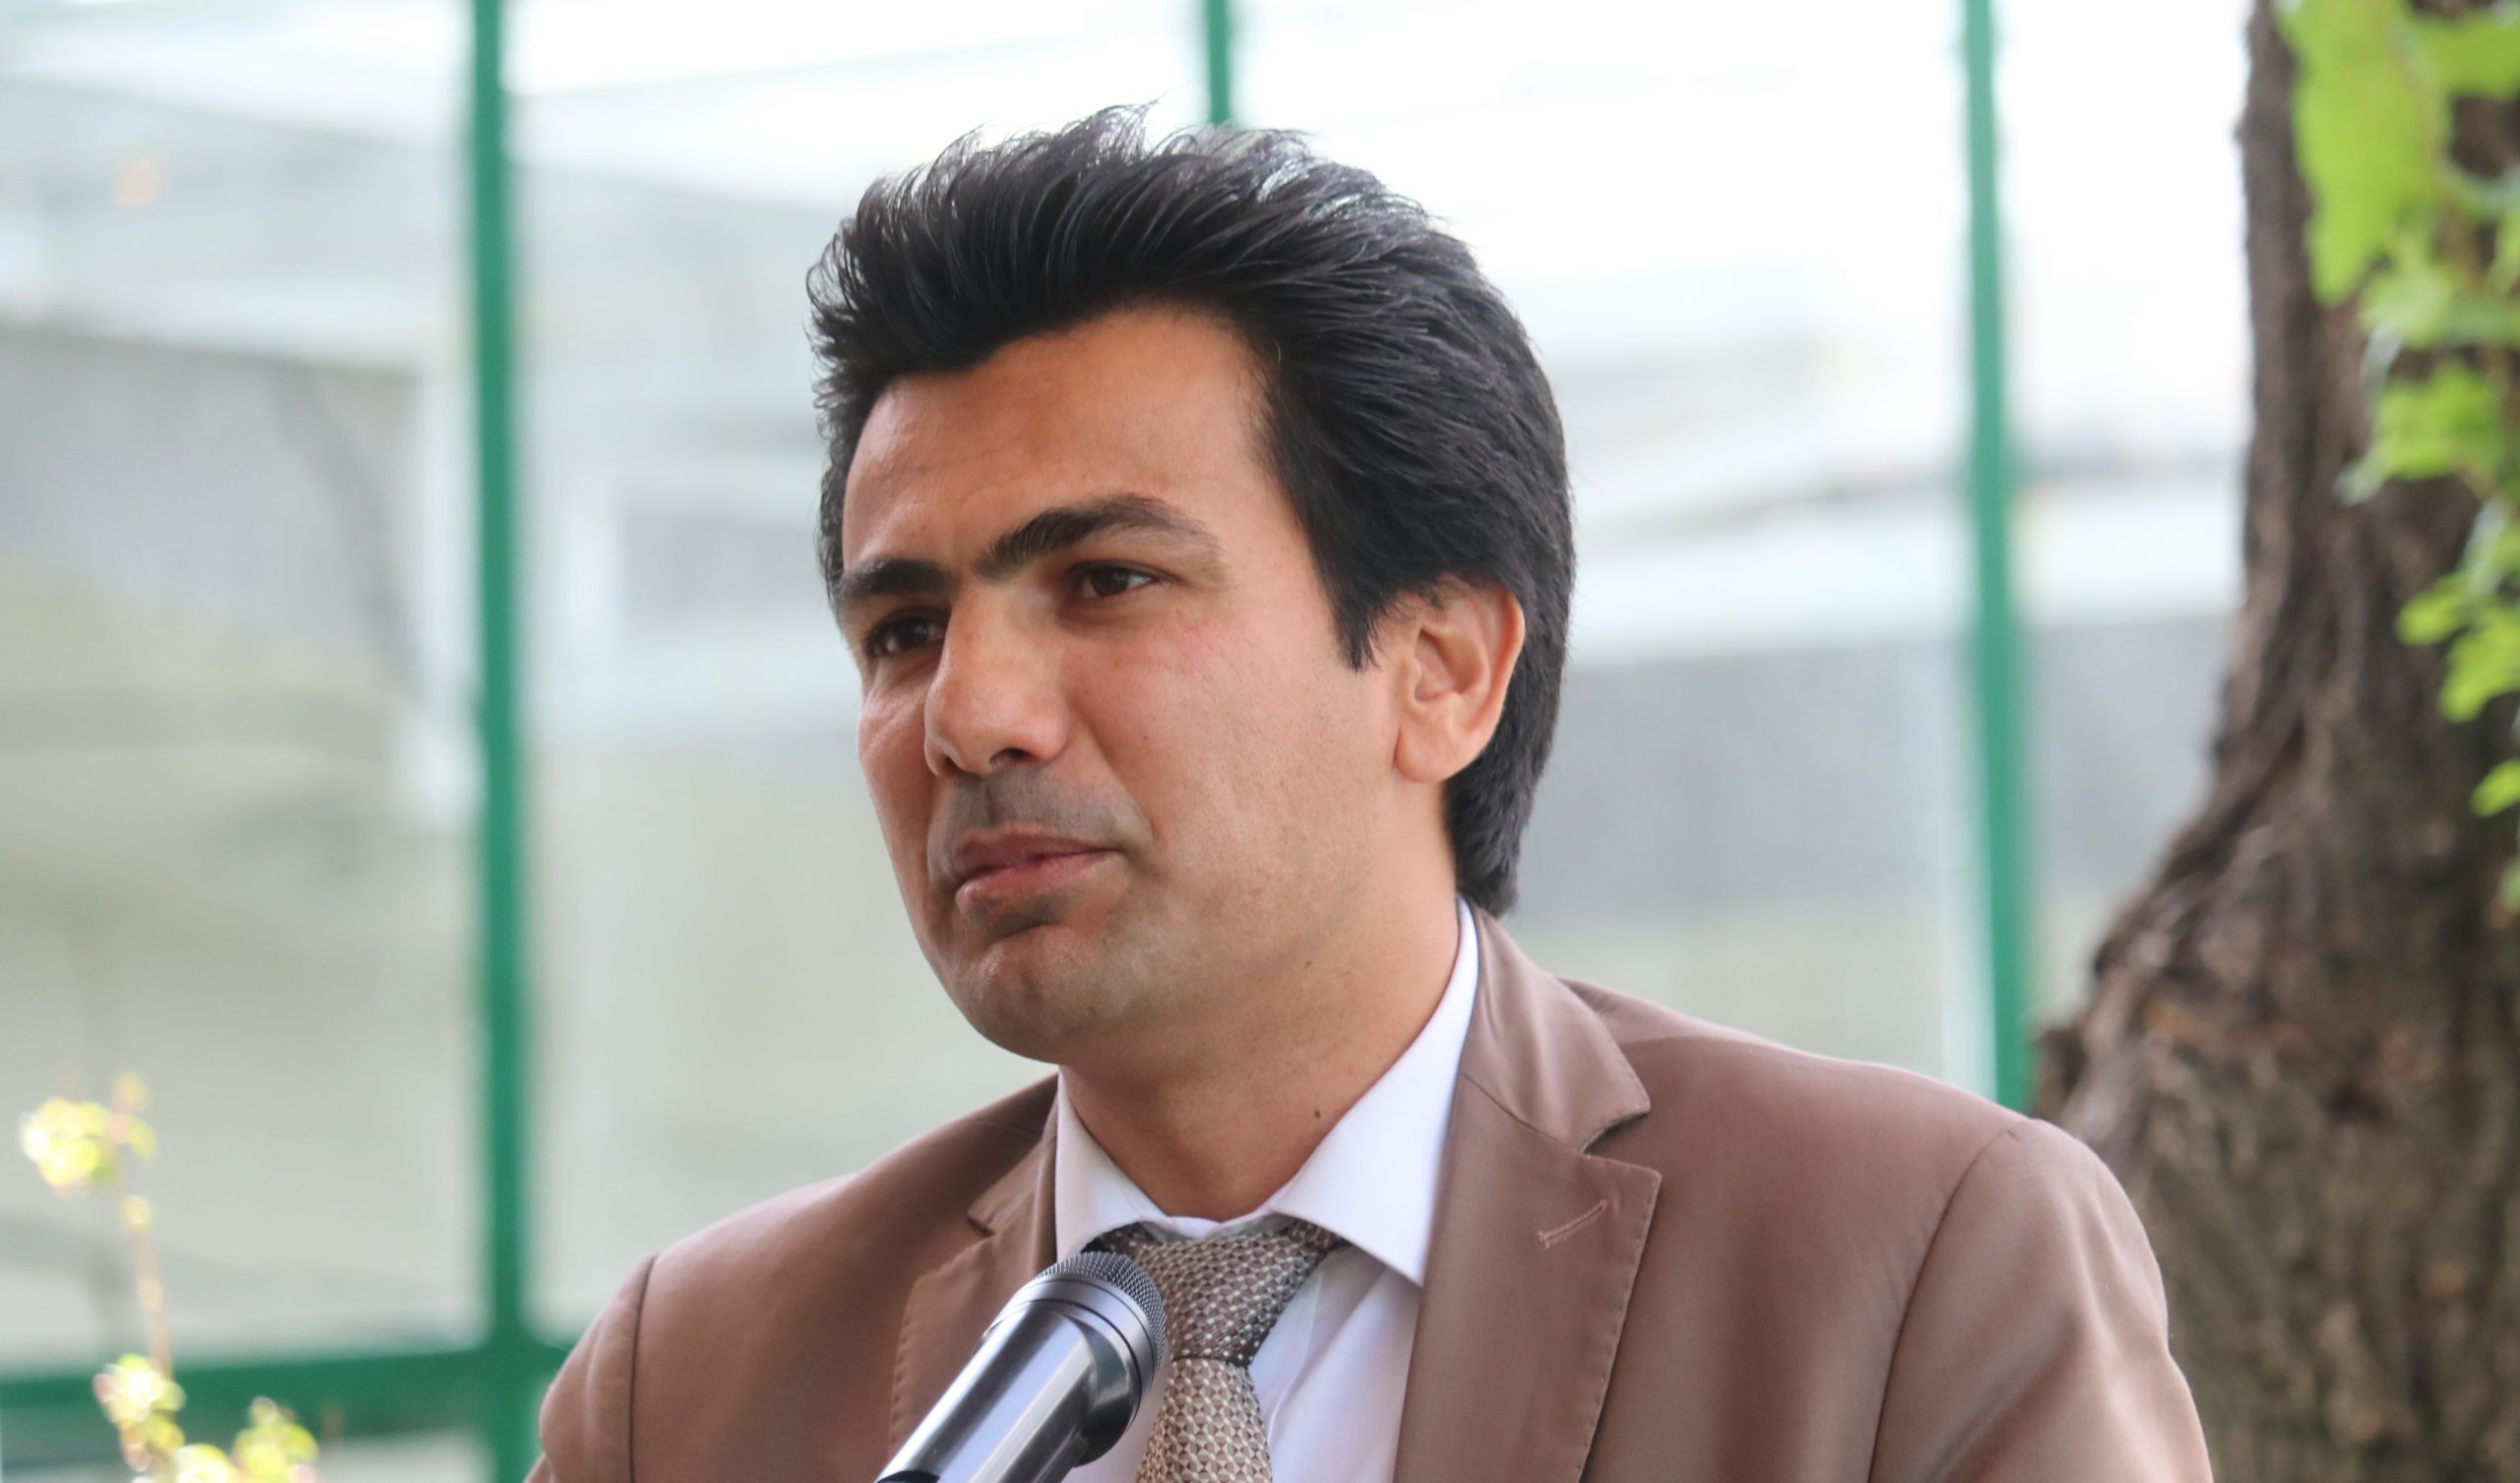 Omar Ahmad Parwani copy